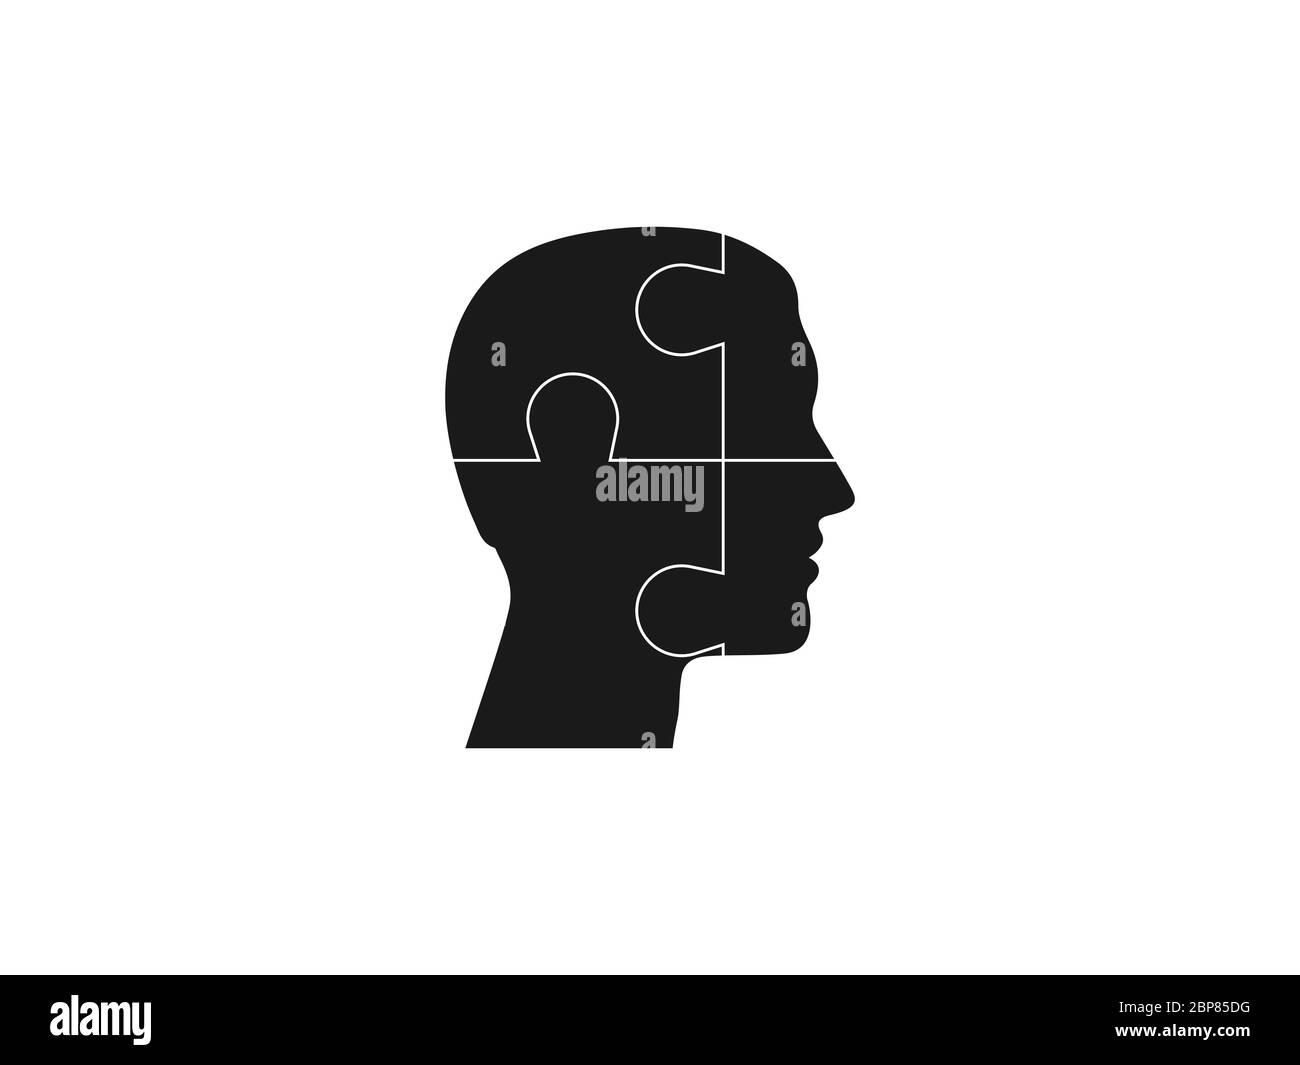 Tête humaine, icône de puzzle. Illustration vectorielle, conception plate. Illustration de Vecteur